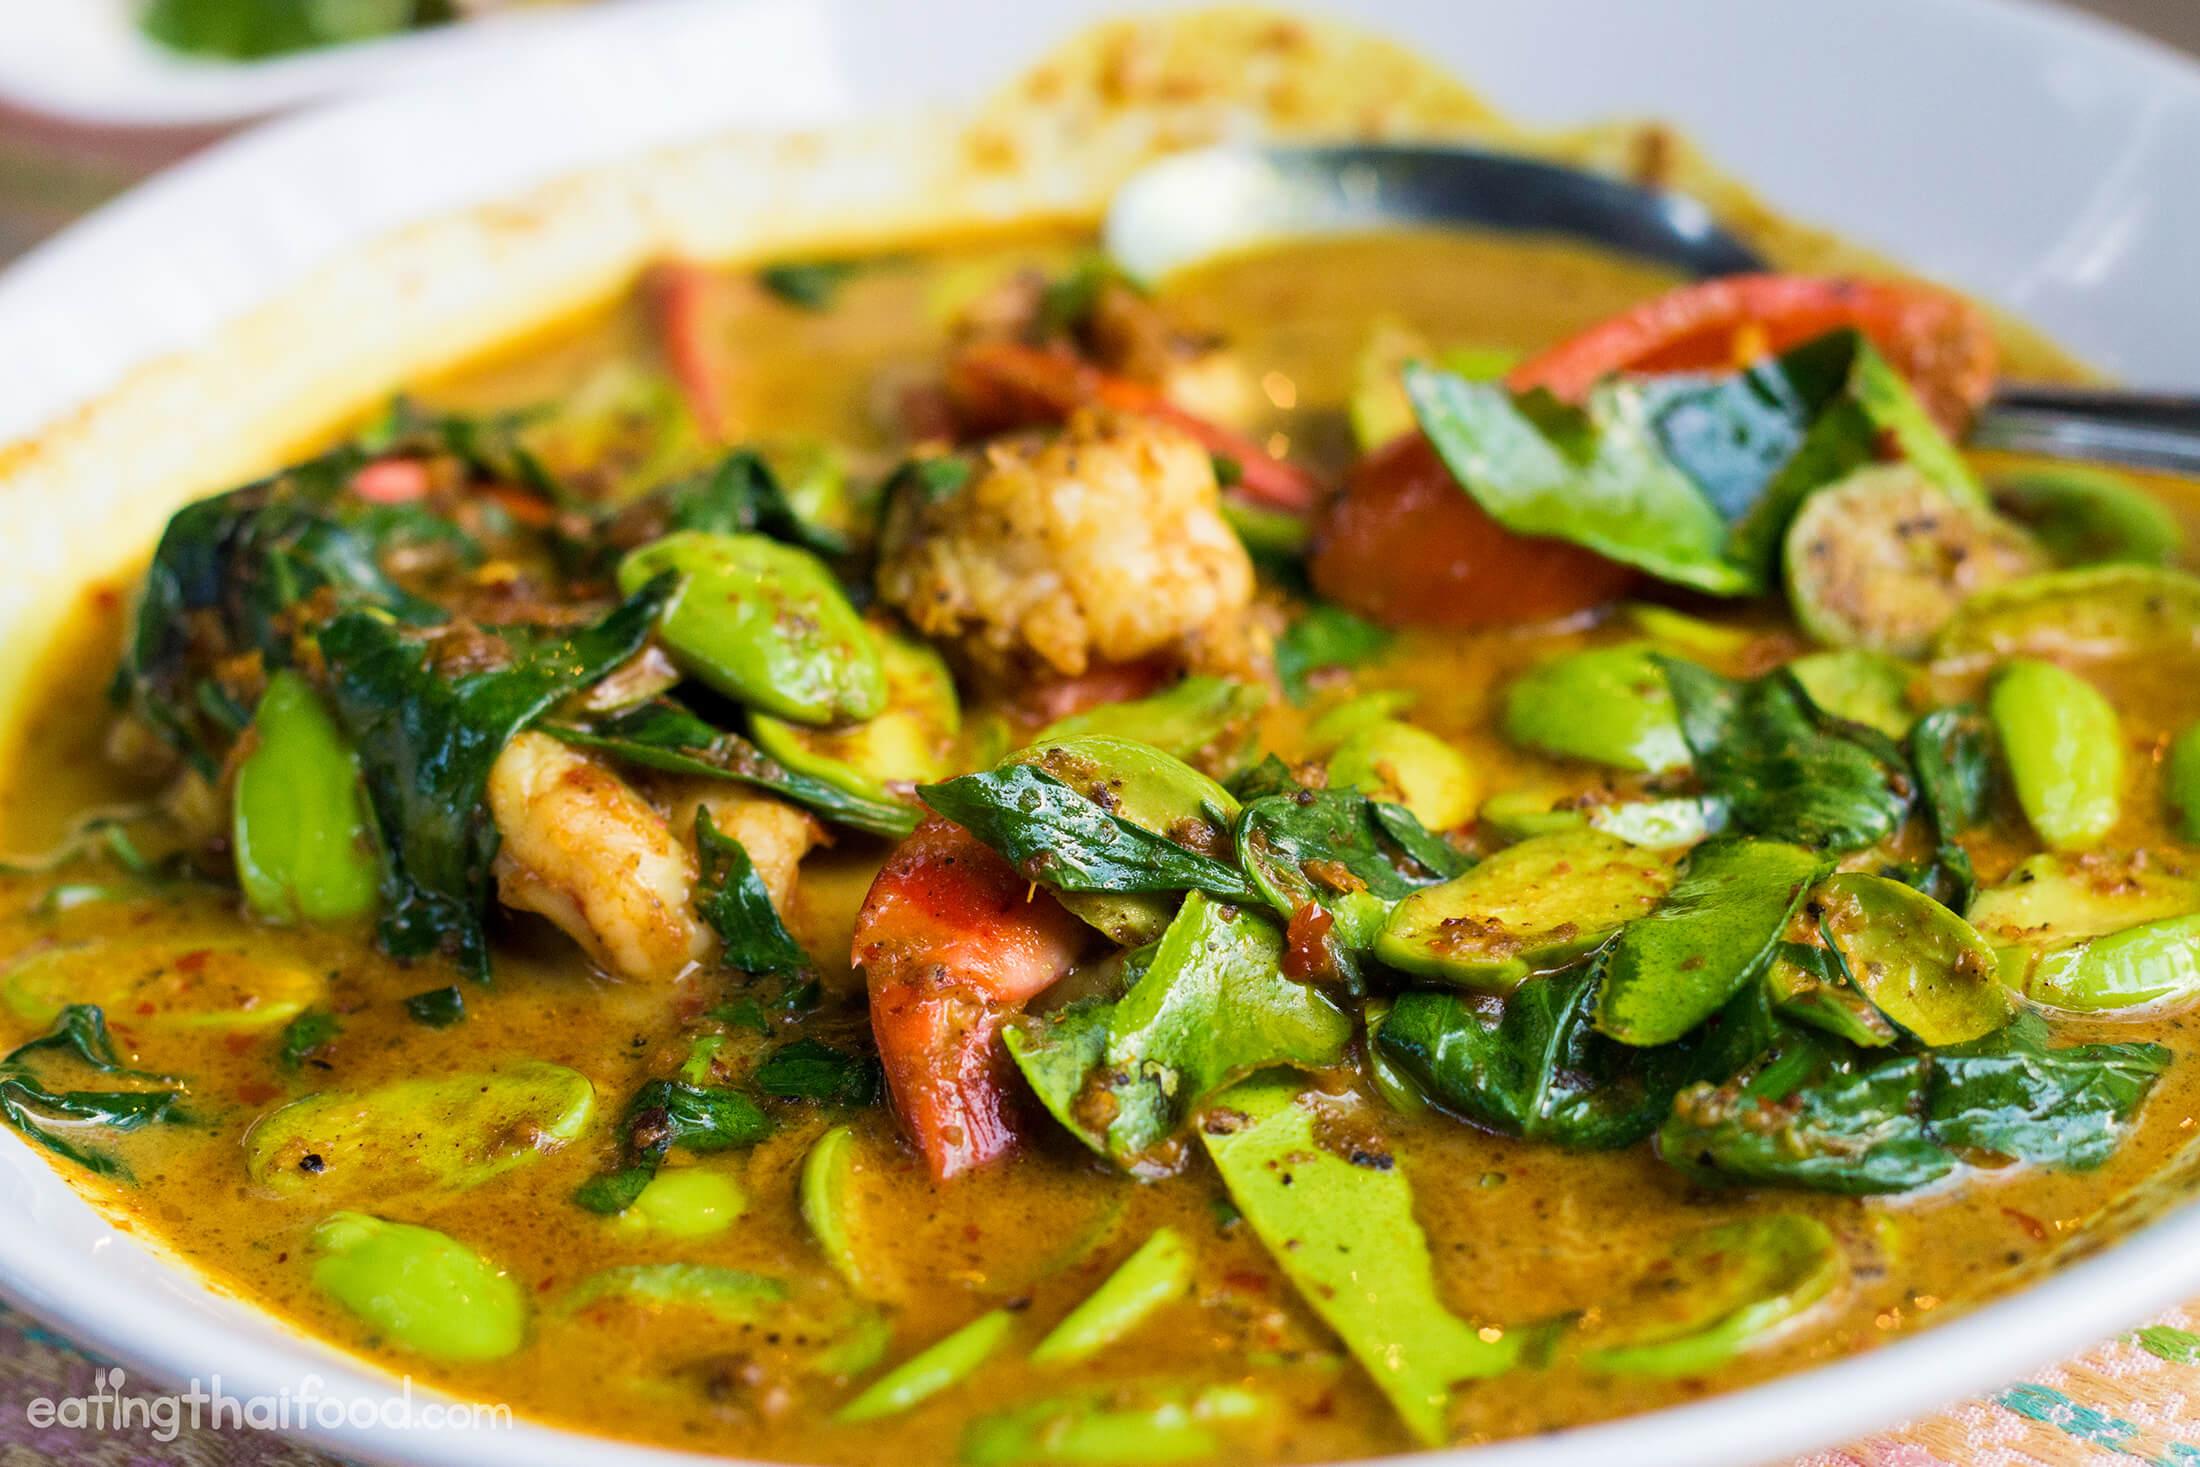 Ruan Thip restaurant in Krabi